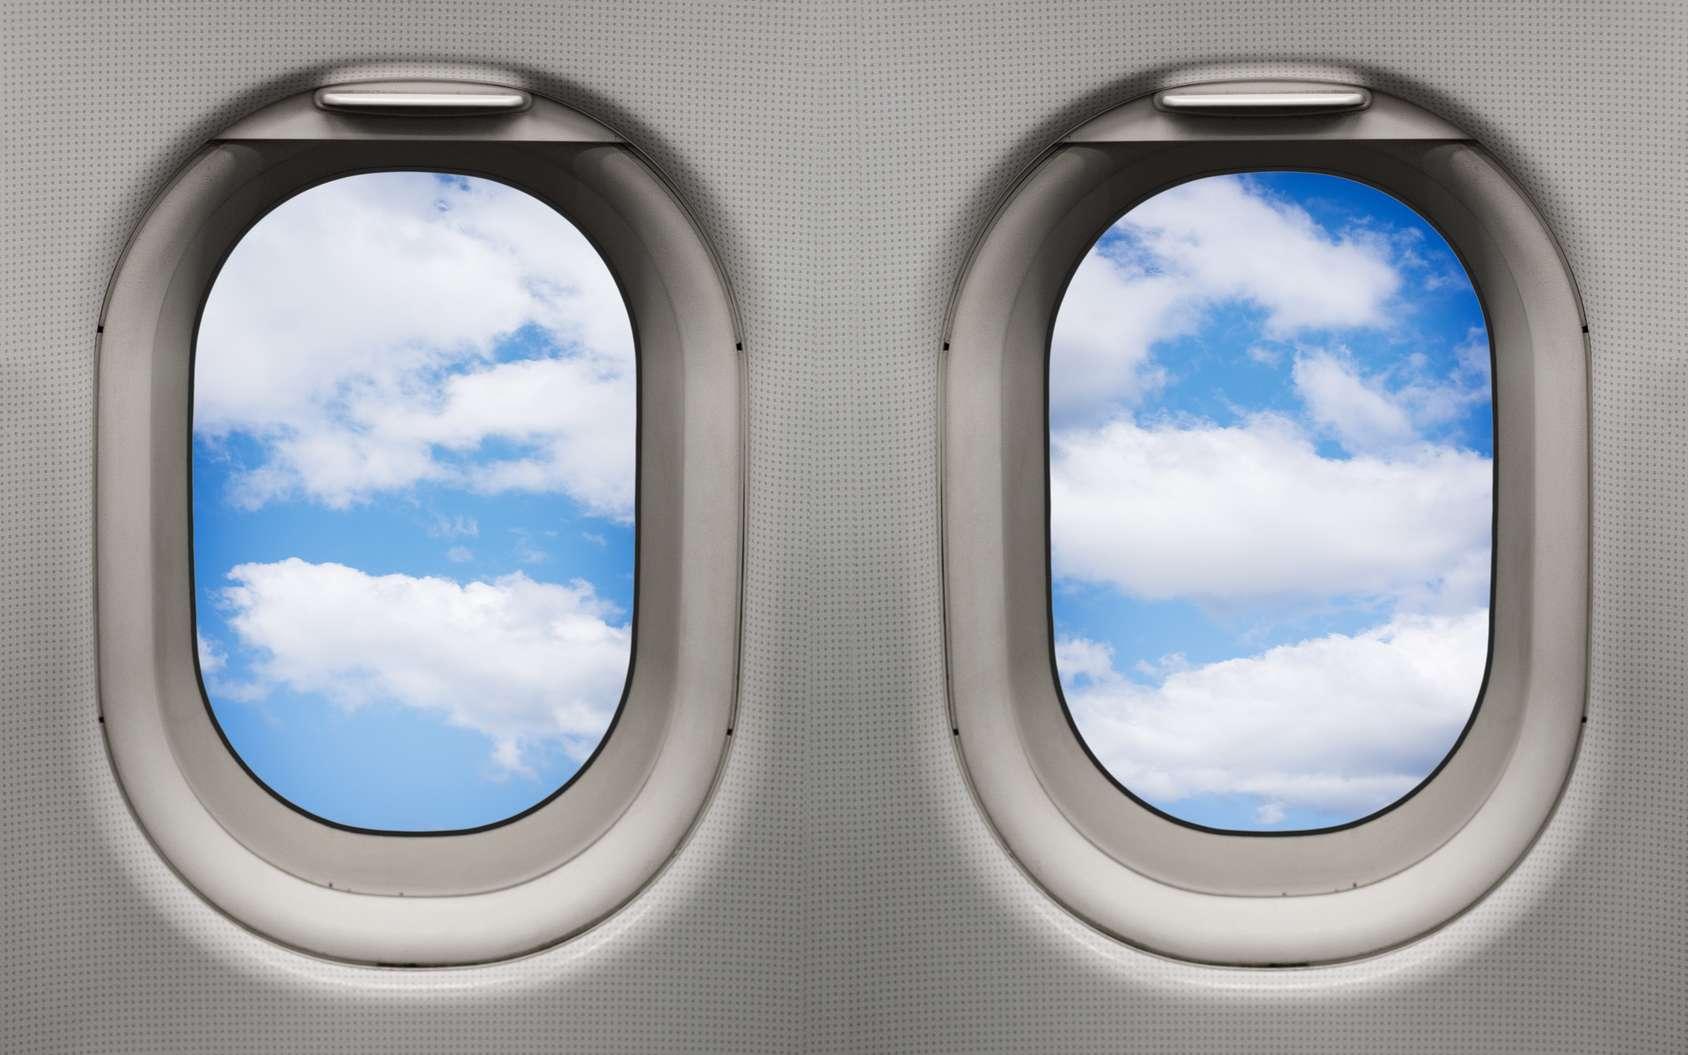 Les hublots des avions sont ronds, car c'est la forme la plus résistante aux pressions. © Stefano Garau, Fotolia